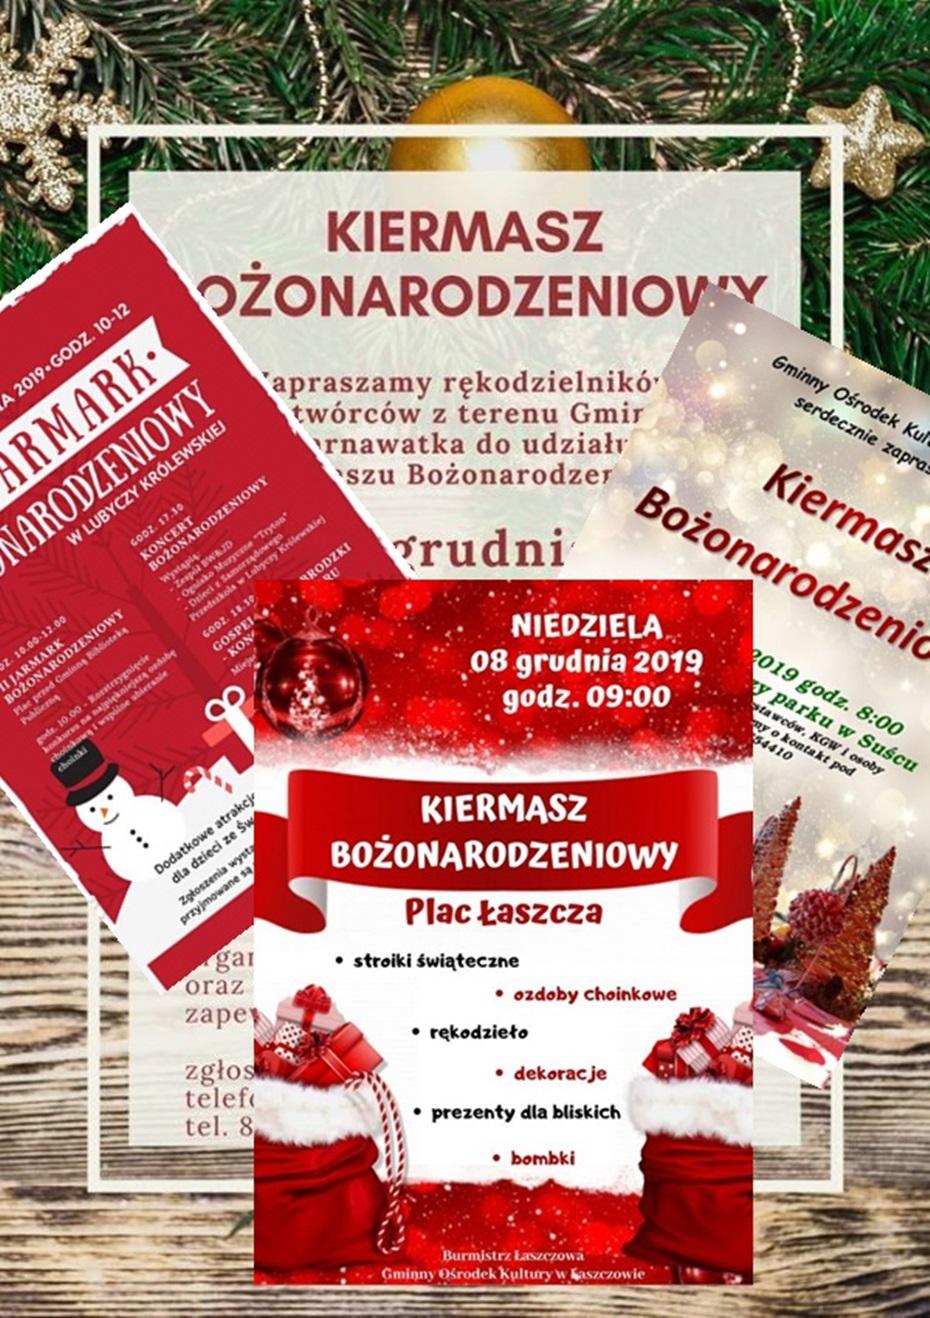 Kiermasze i Mikołaj w powiecie tomaszowskim